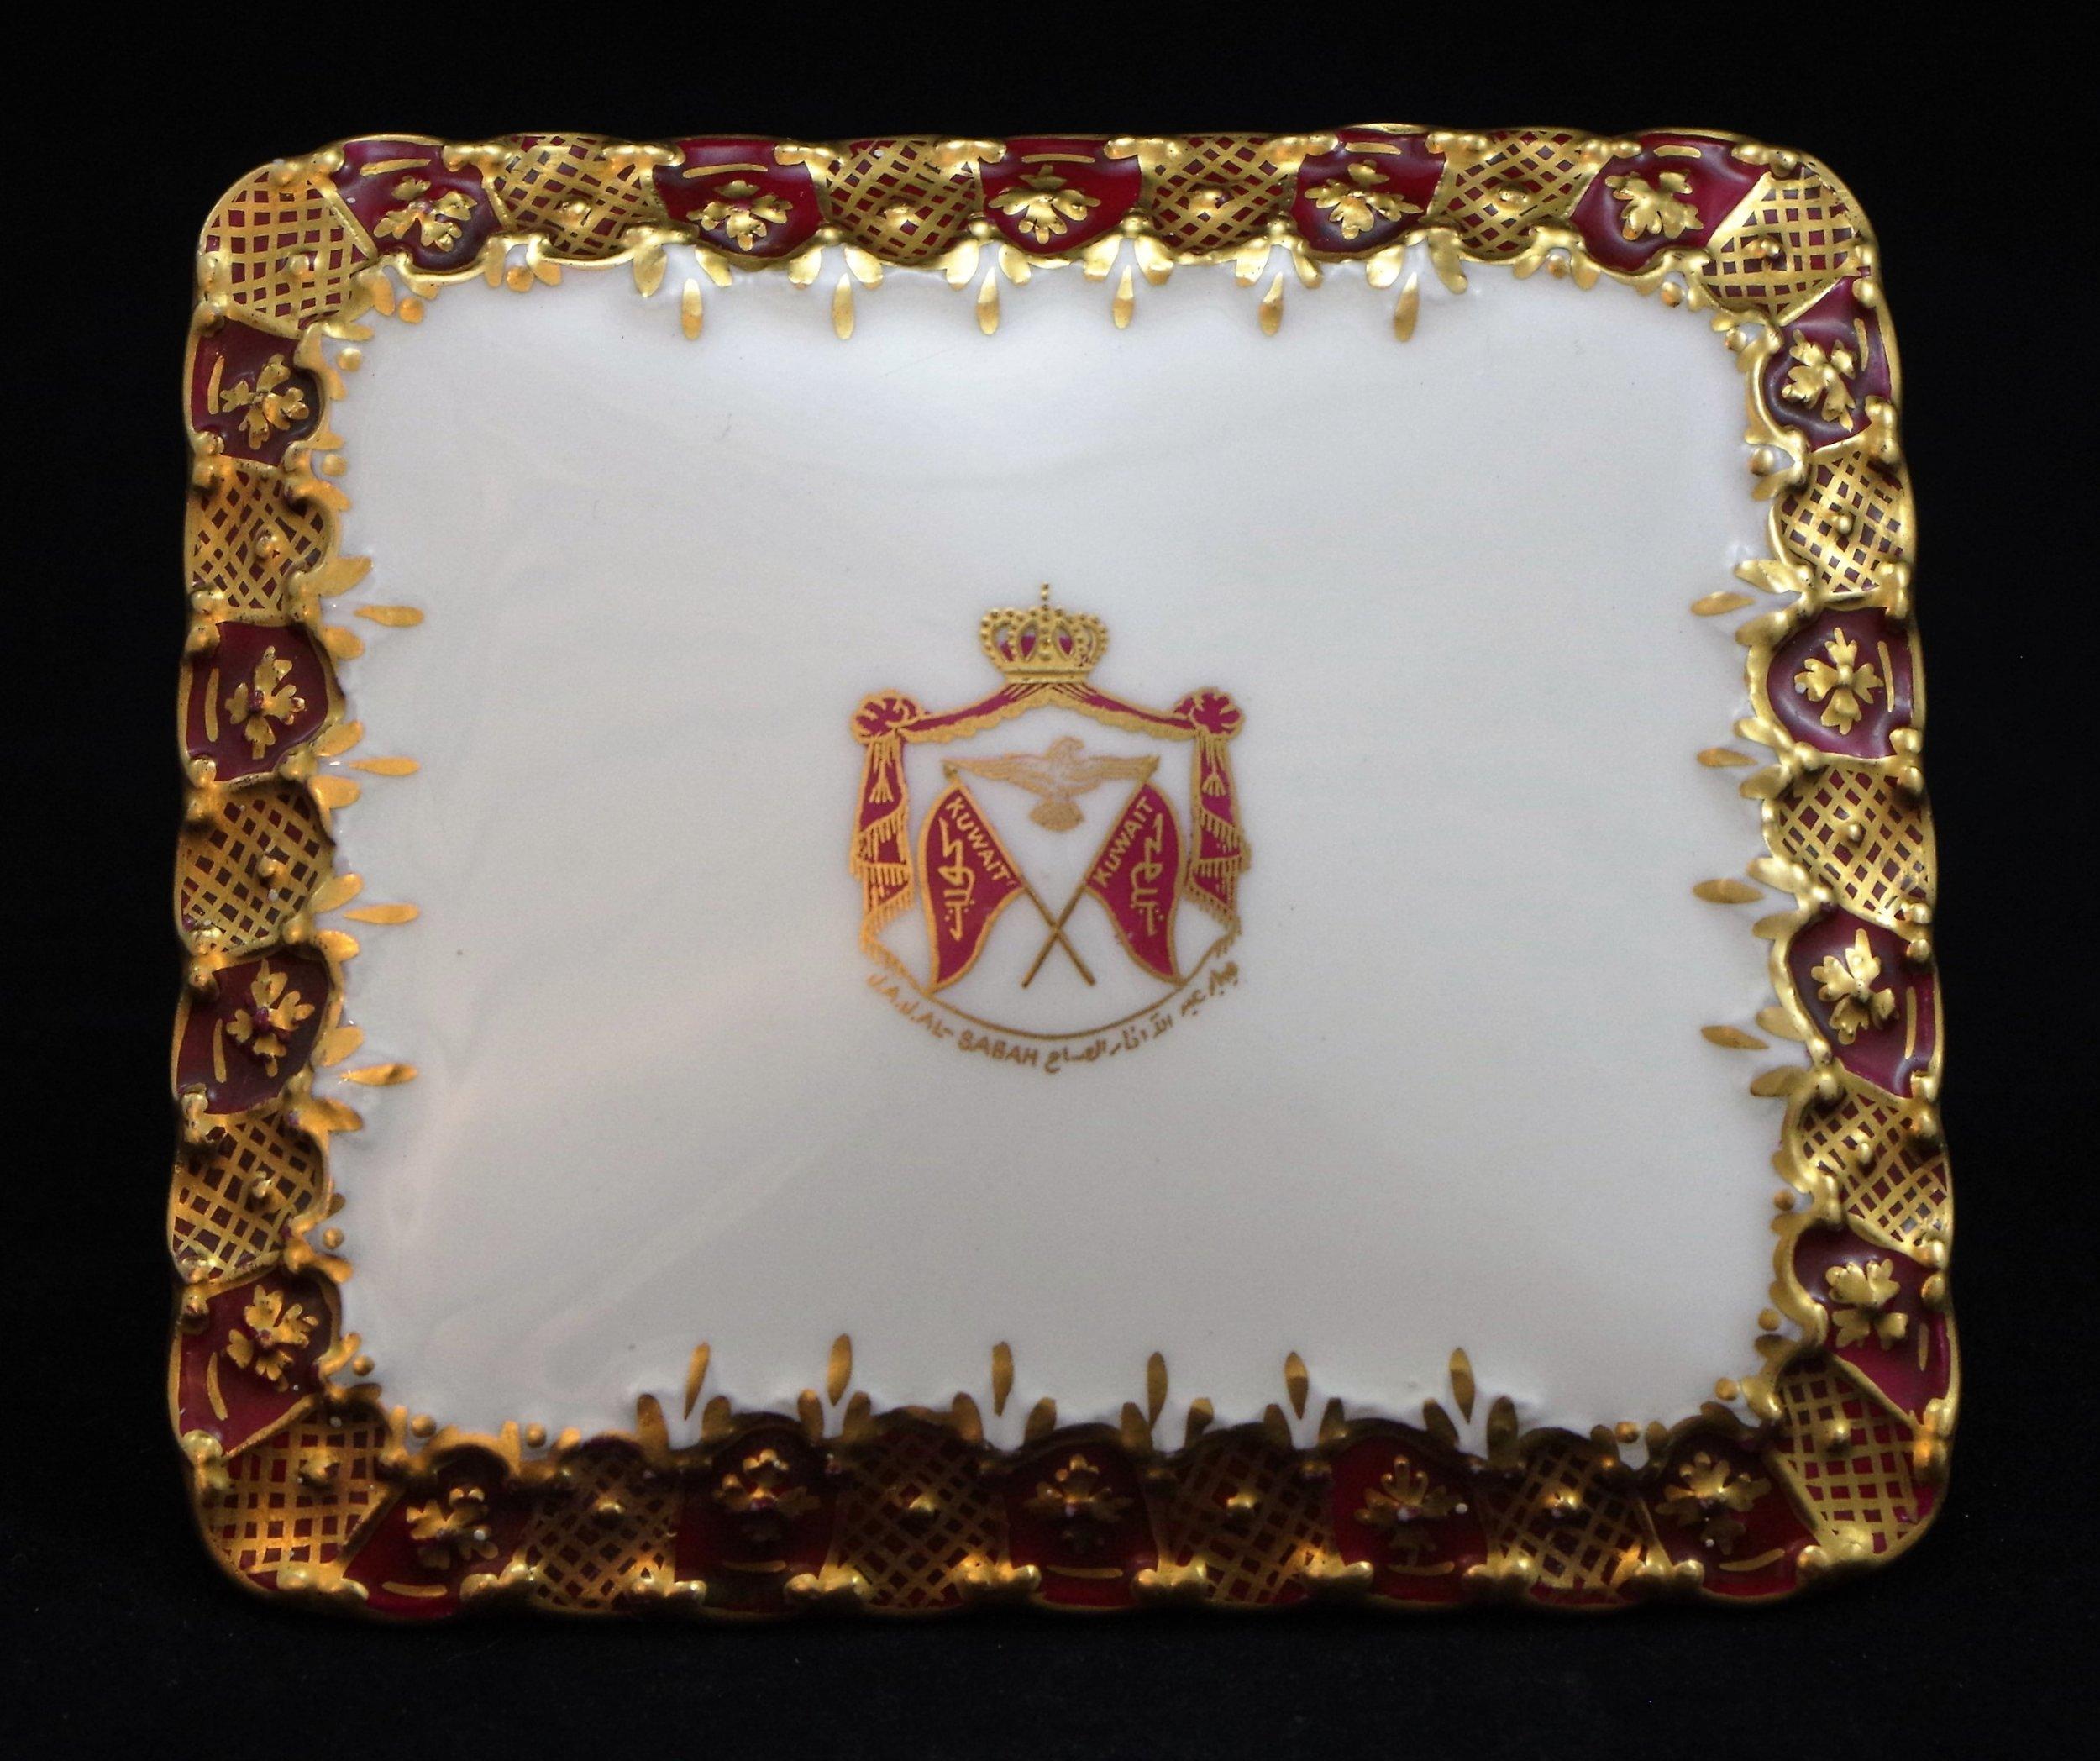 royal-crown-derby-heraldic-cigarette-box-maroon-ground-kuwait